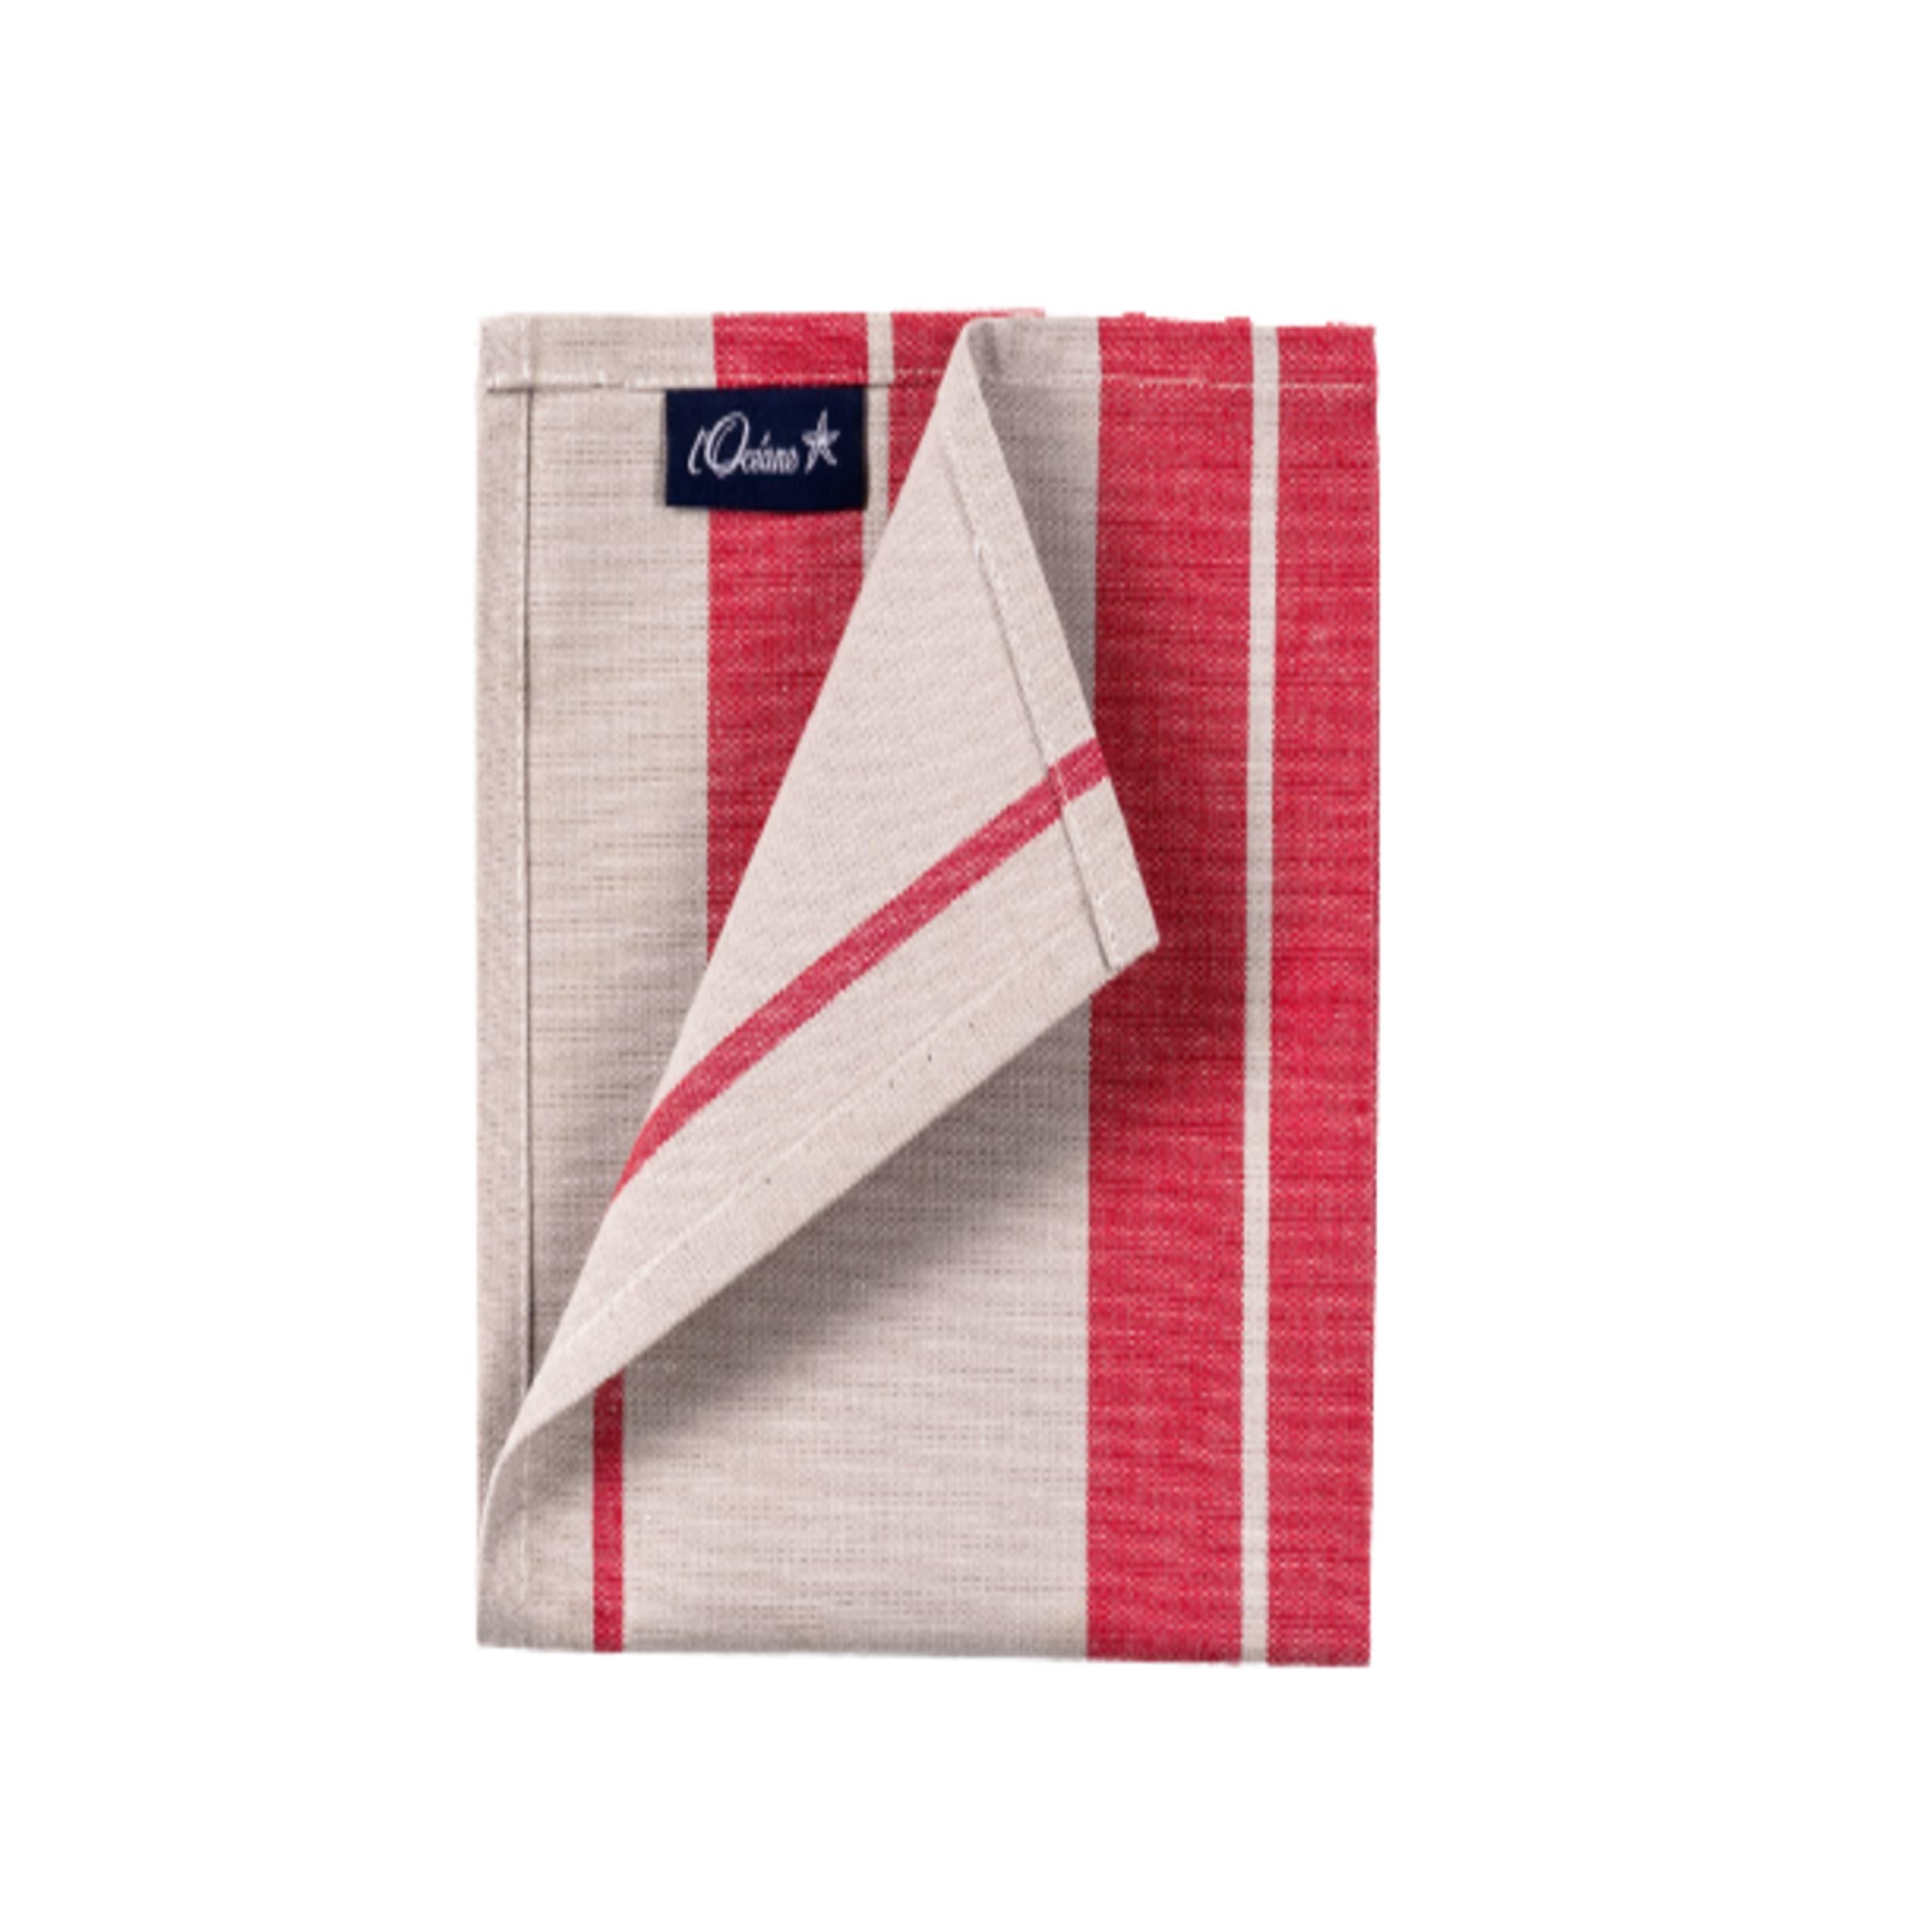 1 lot de 6 serviettes de table 100% coton rouge 36 x 36 cm